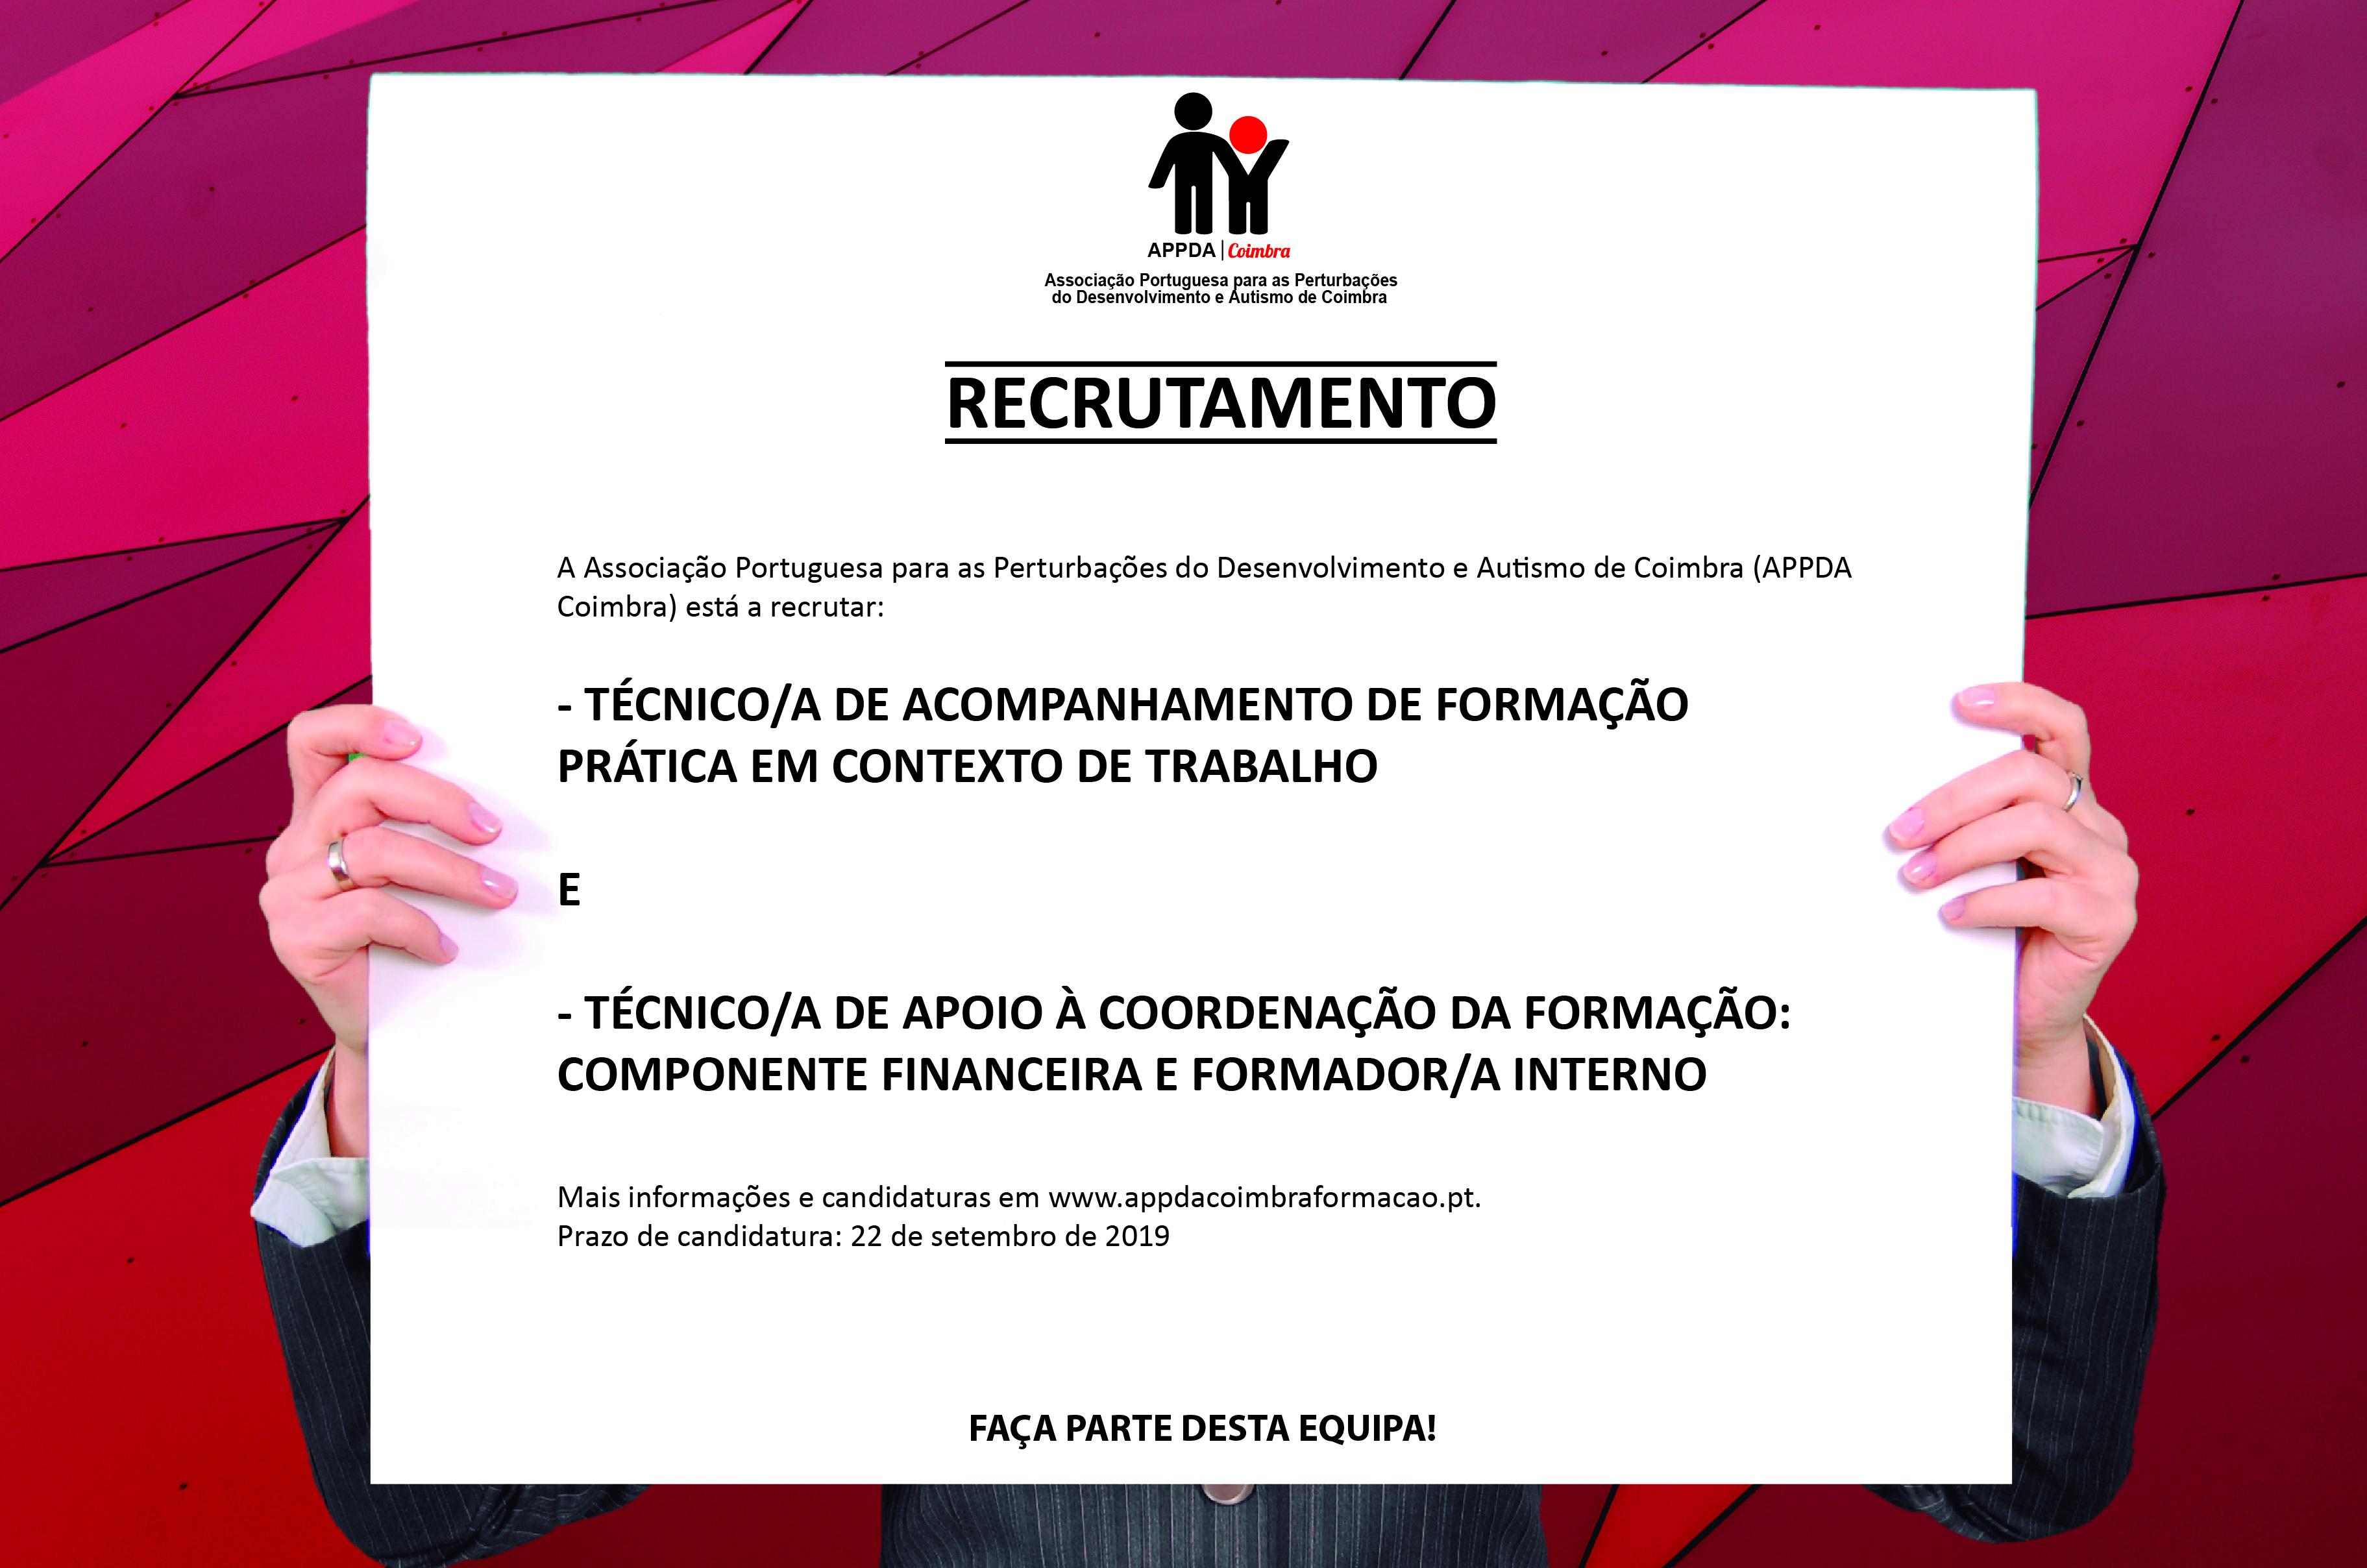 Recrutamento e seleção de prestadores de serviço para o Centro de Formação e Integração Profissional da APPDA Coimbra